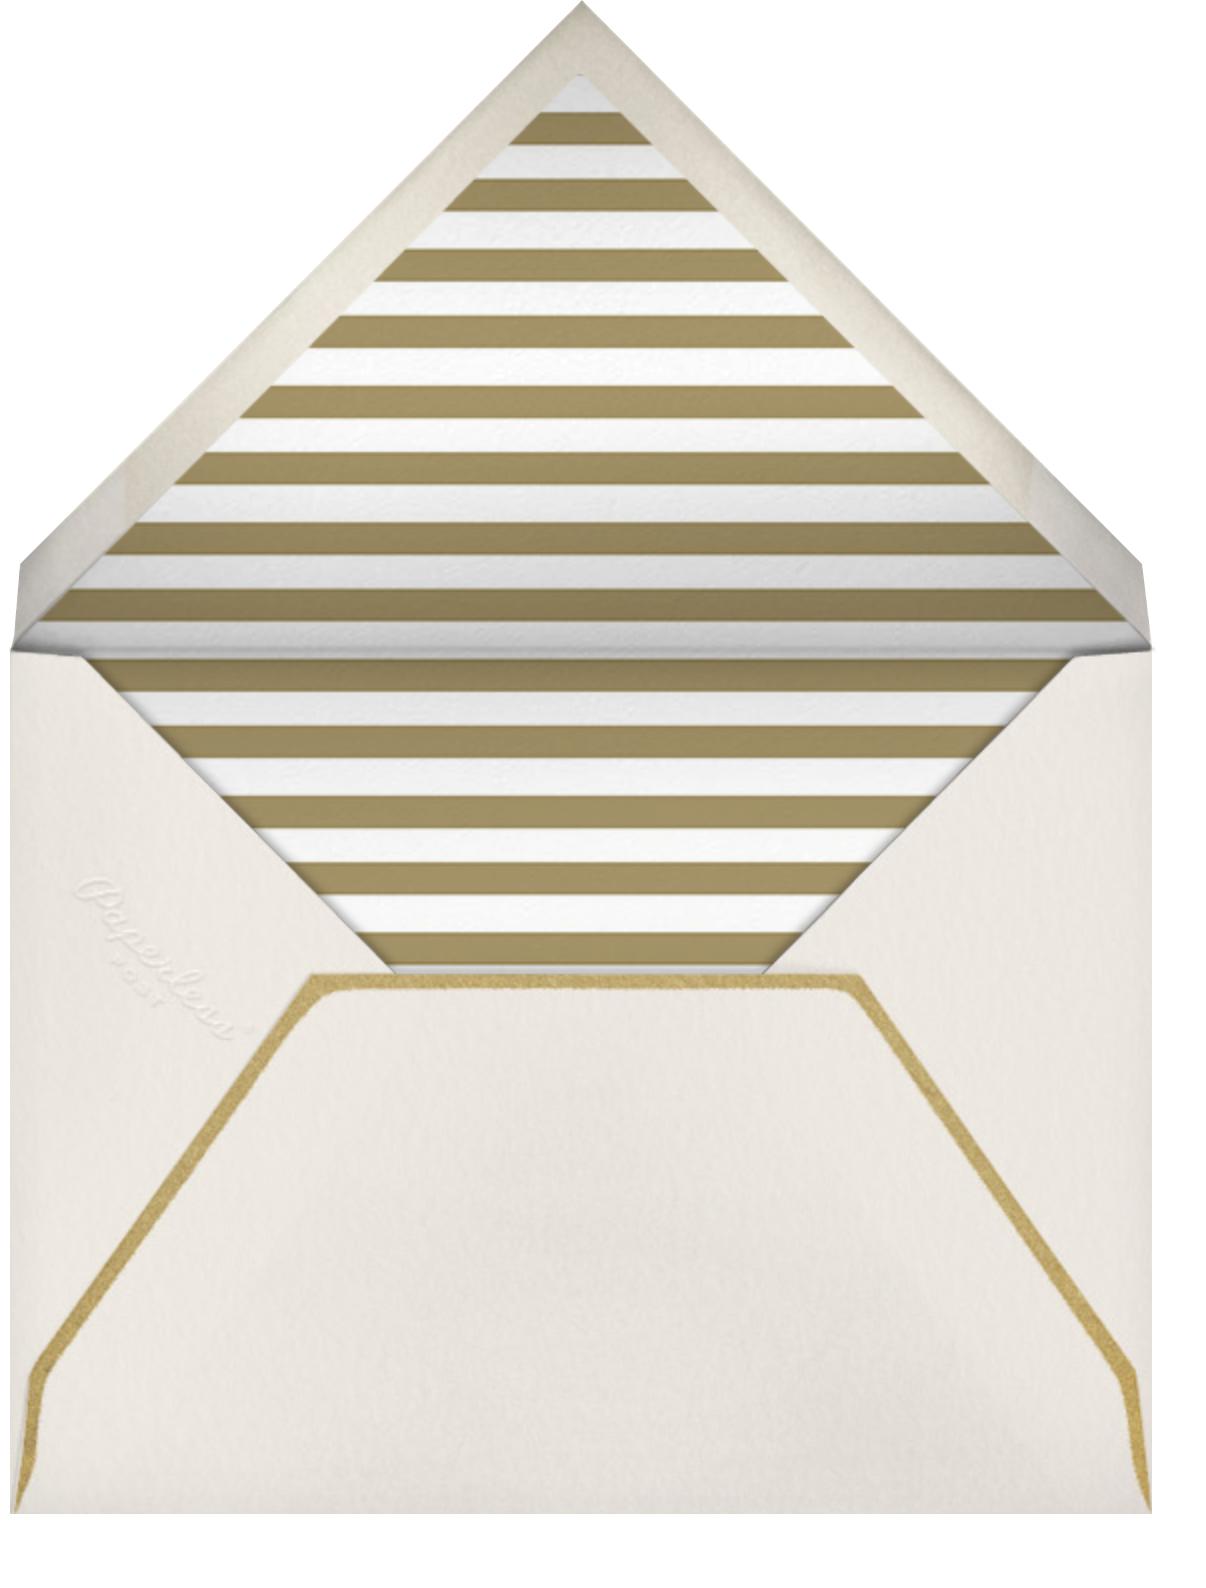 Gold Flourish - Ivory - The Indigo Bunting - All - envelope back